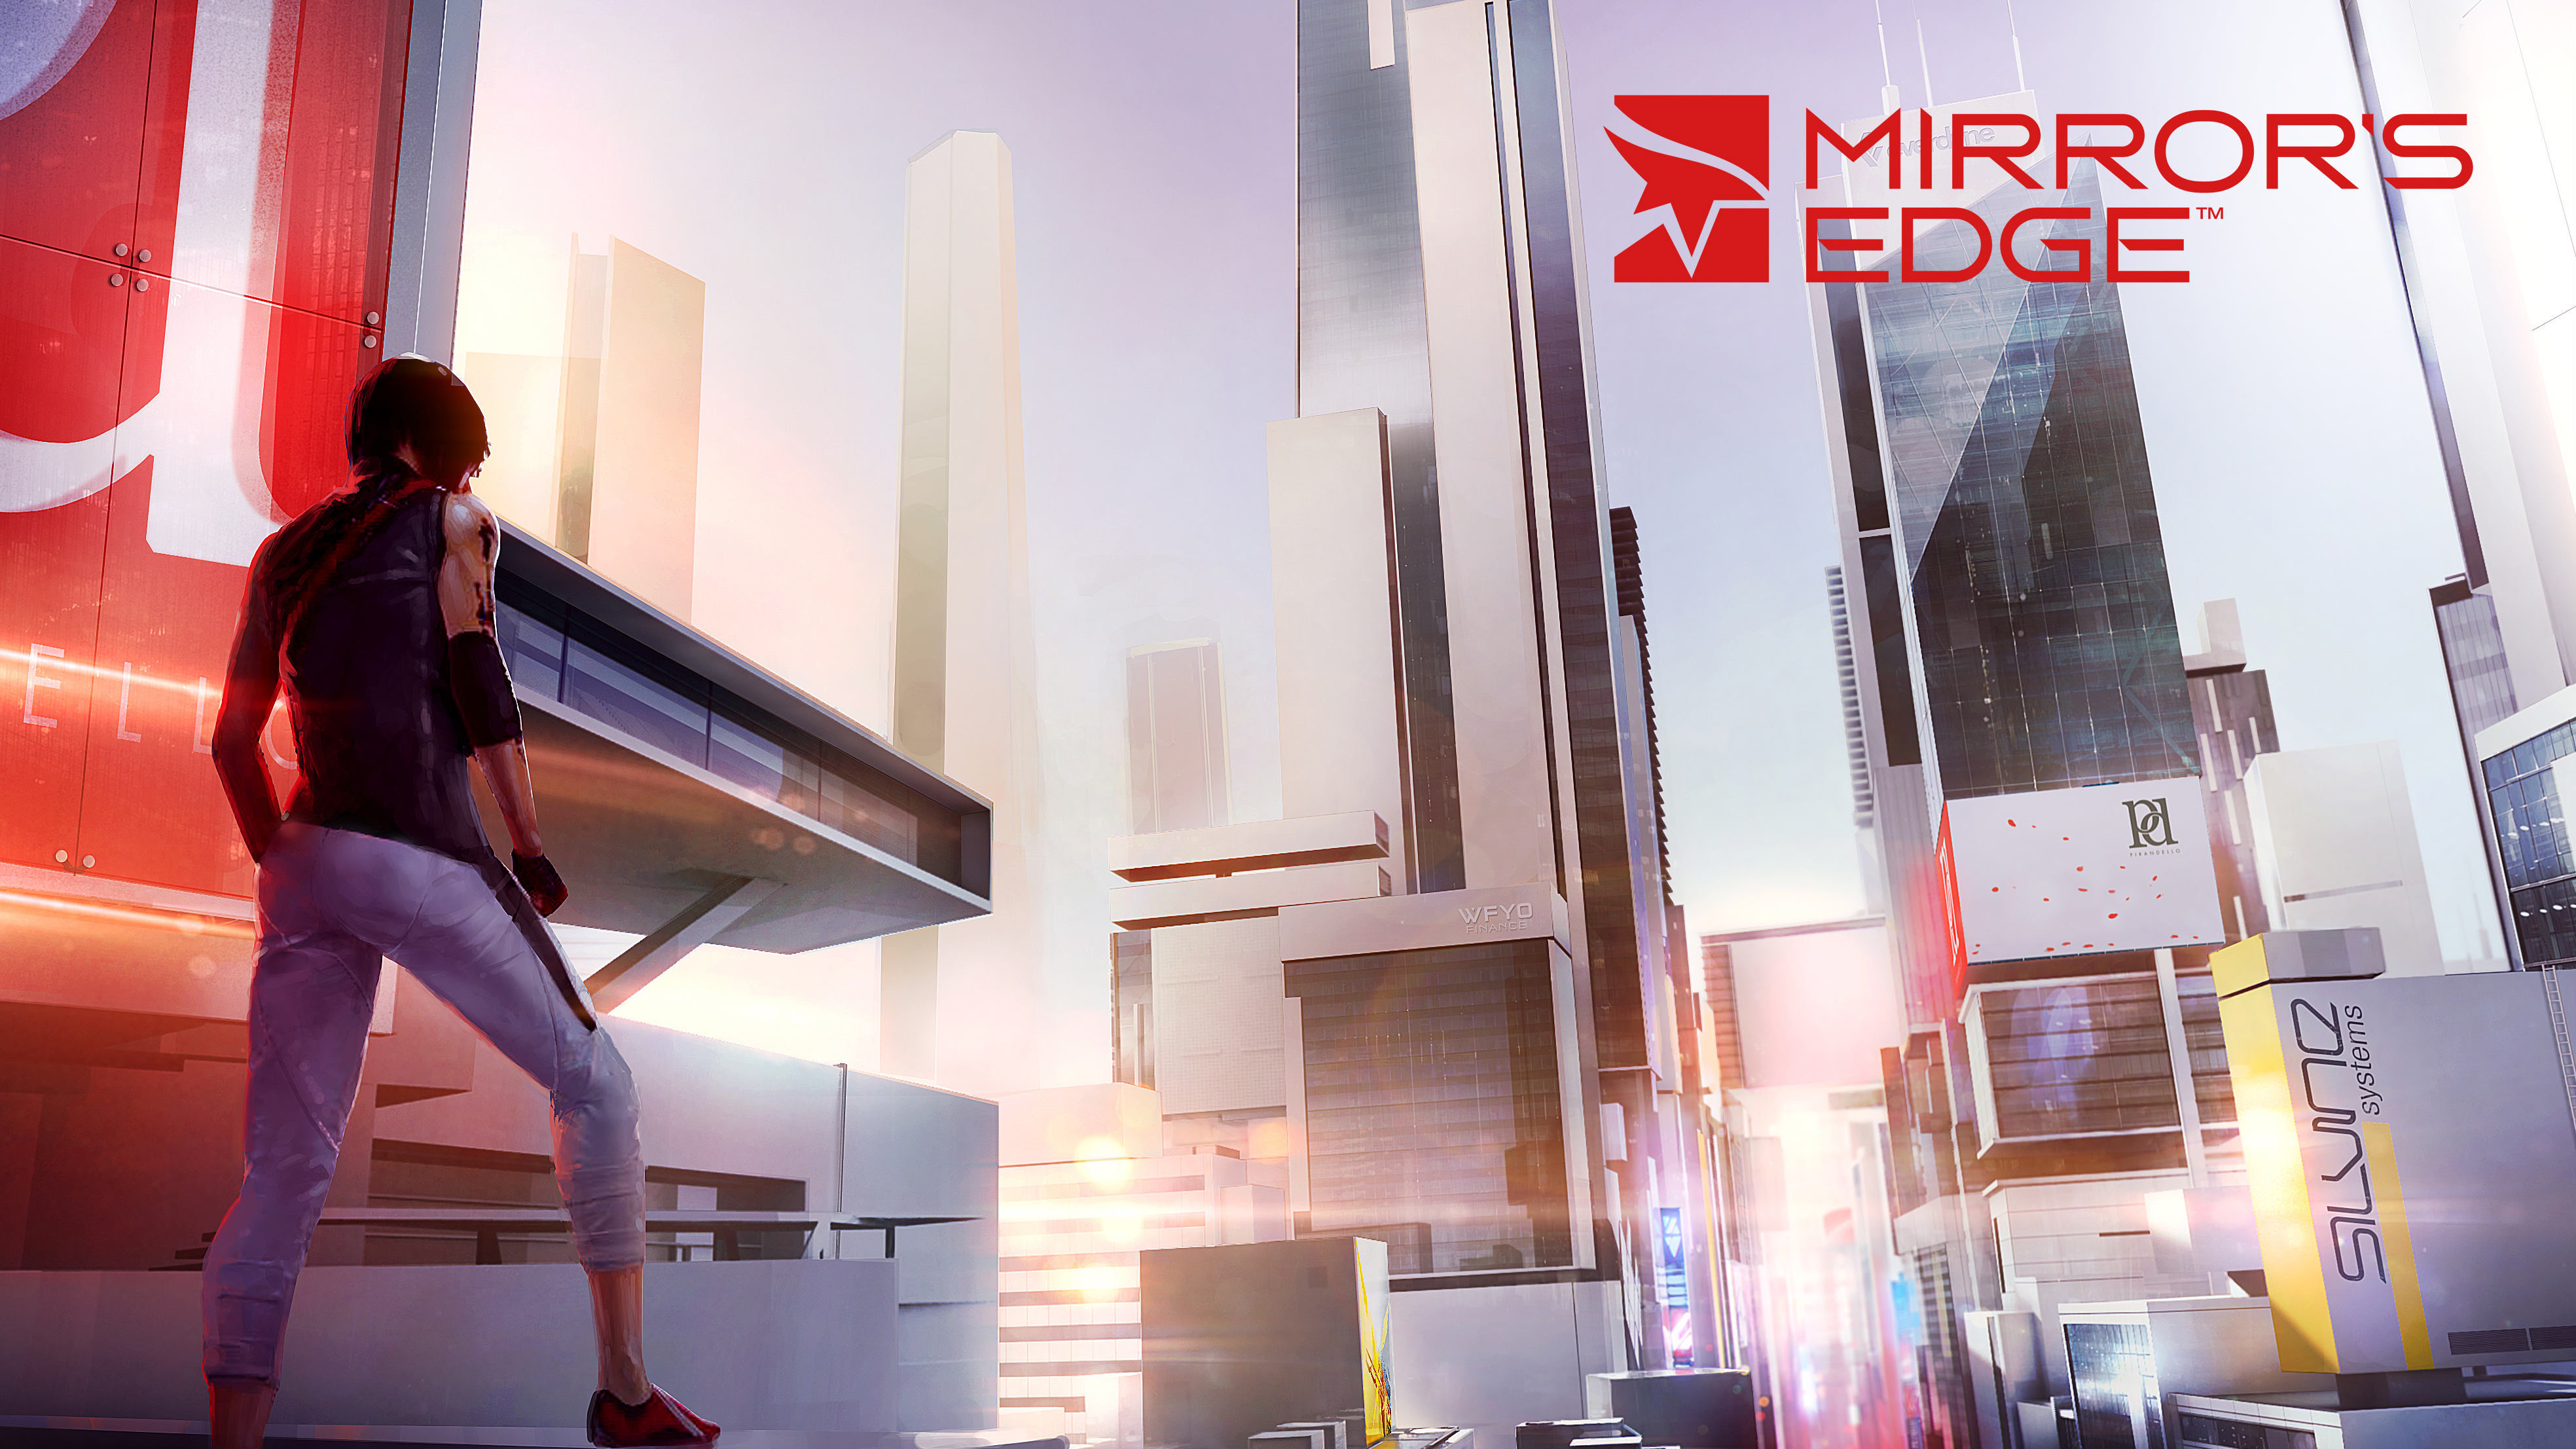 Mirrors_Edge_2_Final